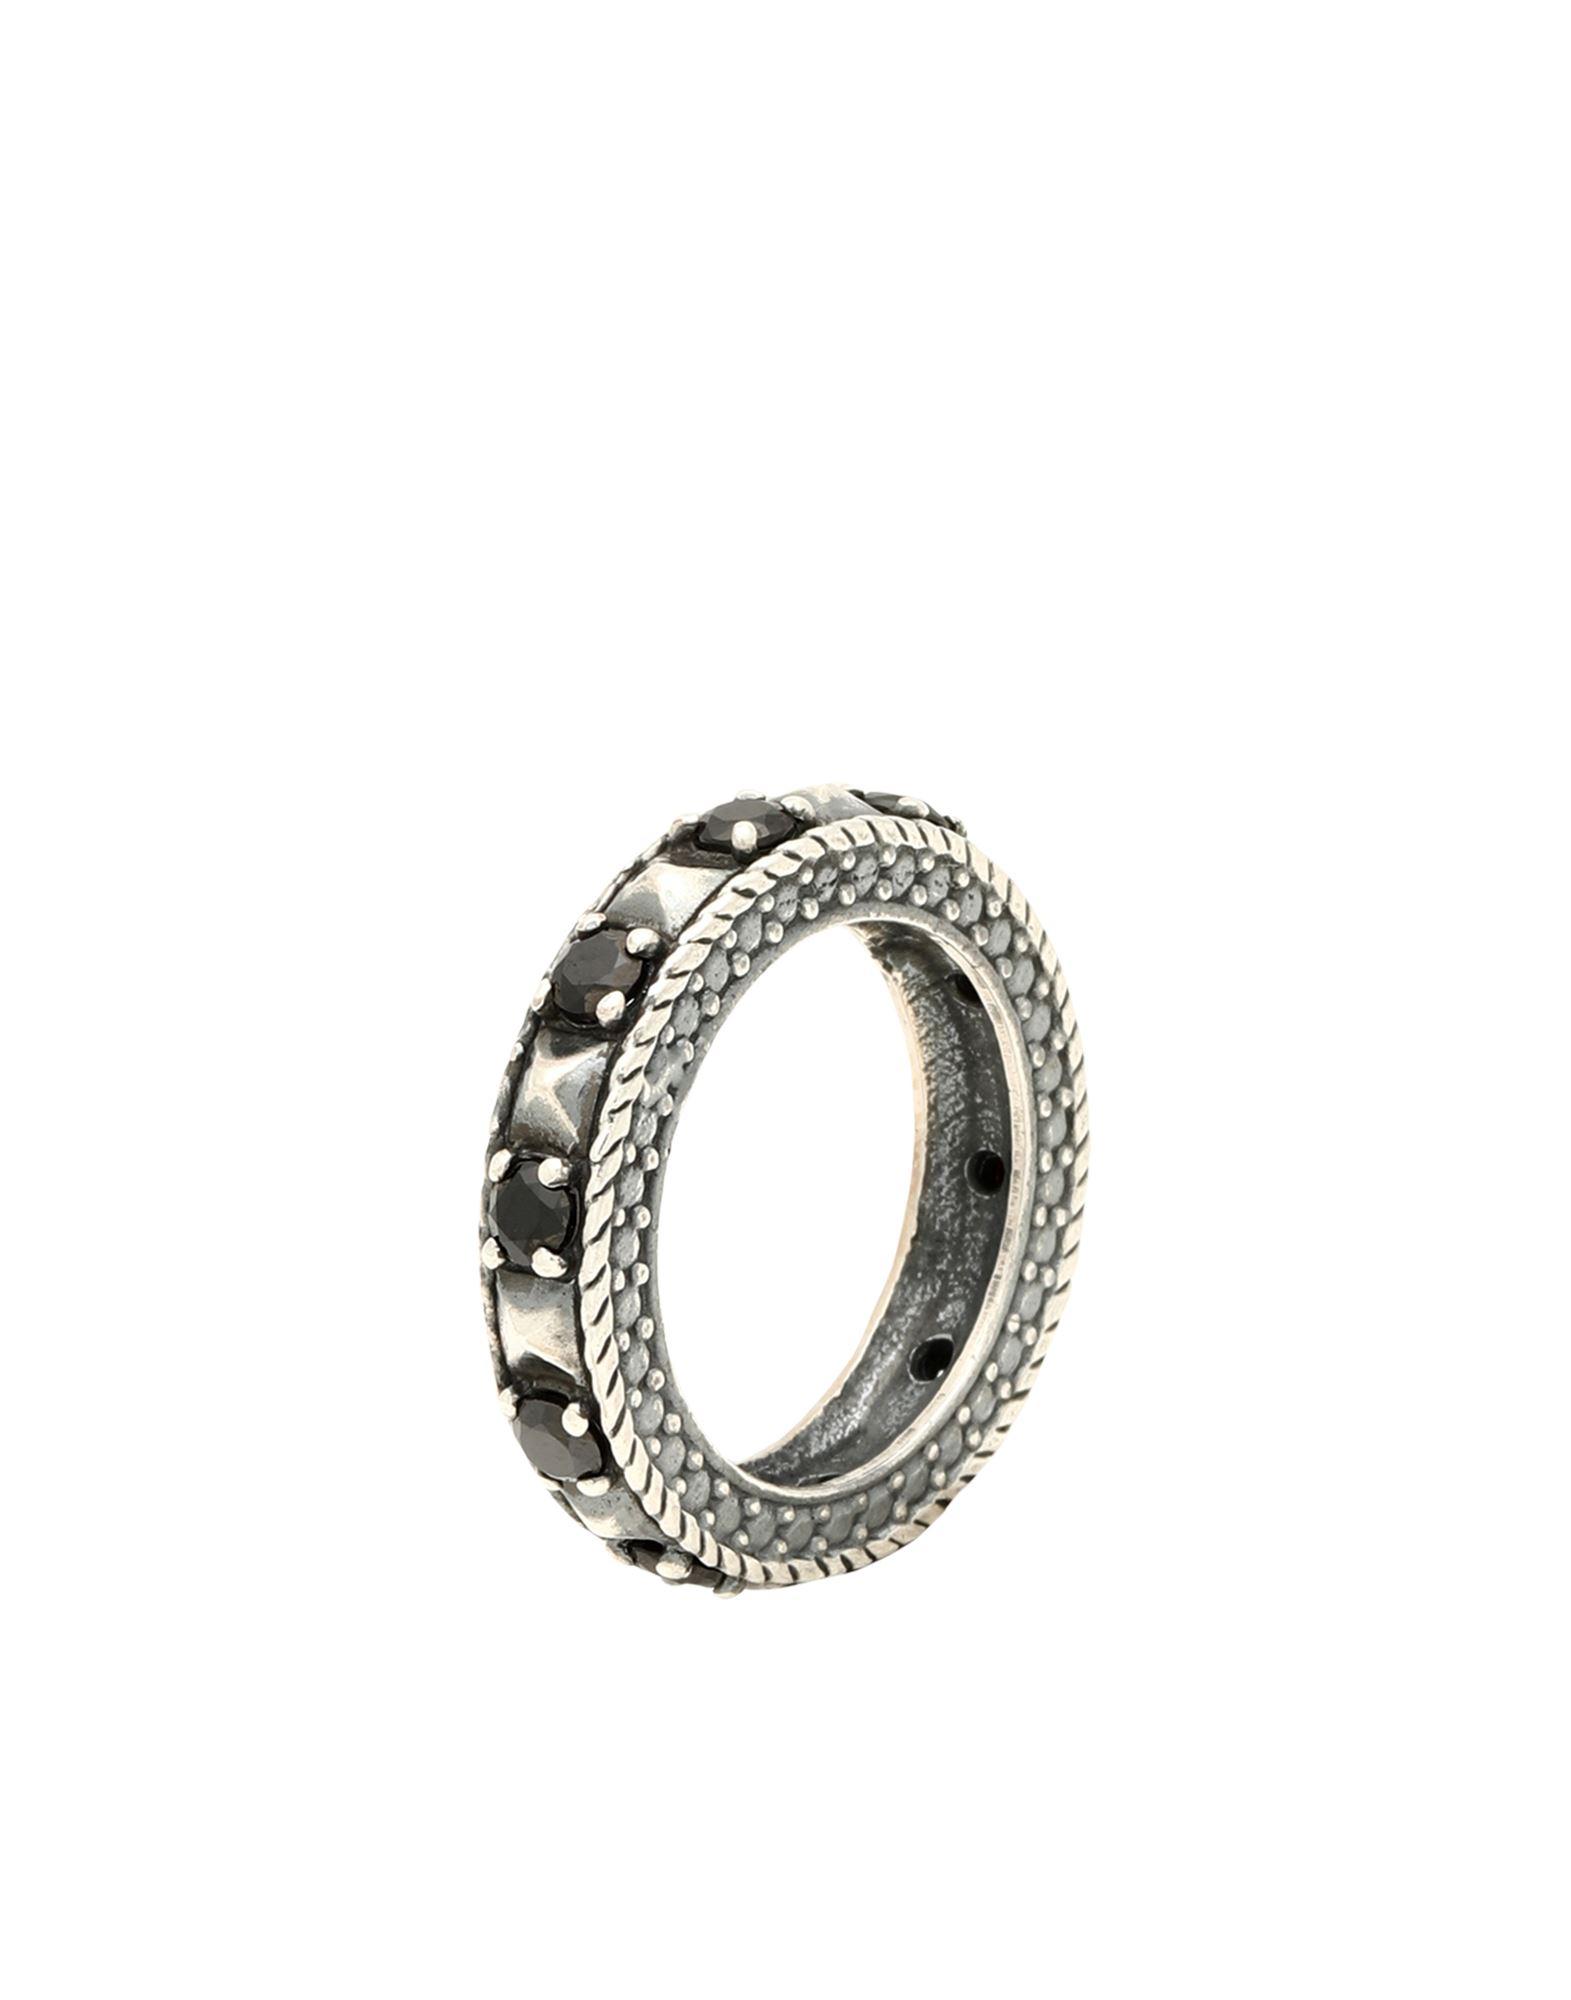 《セール開催中》FIRST PEOPLE FIRST レディース 指輪 鉛色 14 シルバー925/1000 ANELLO ETERNITY SMALL